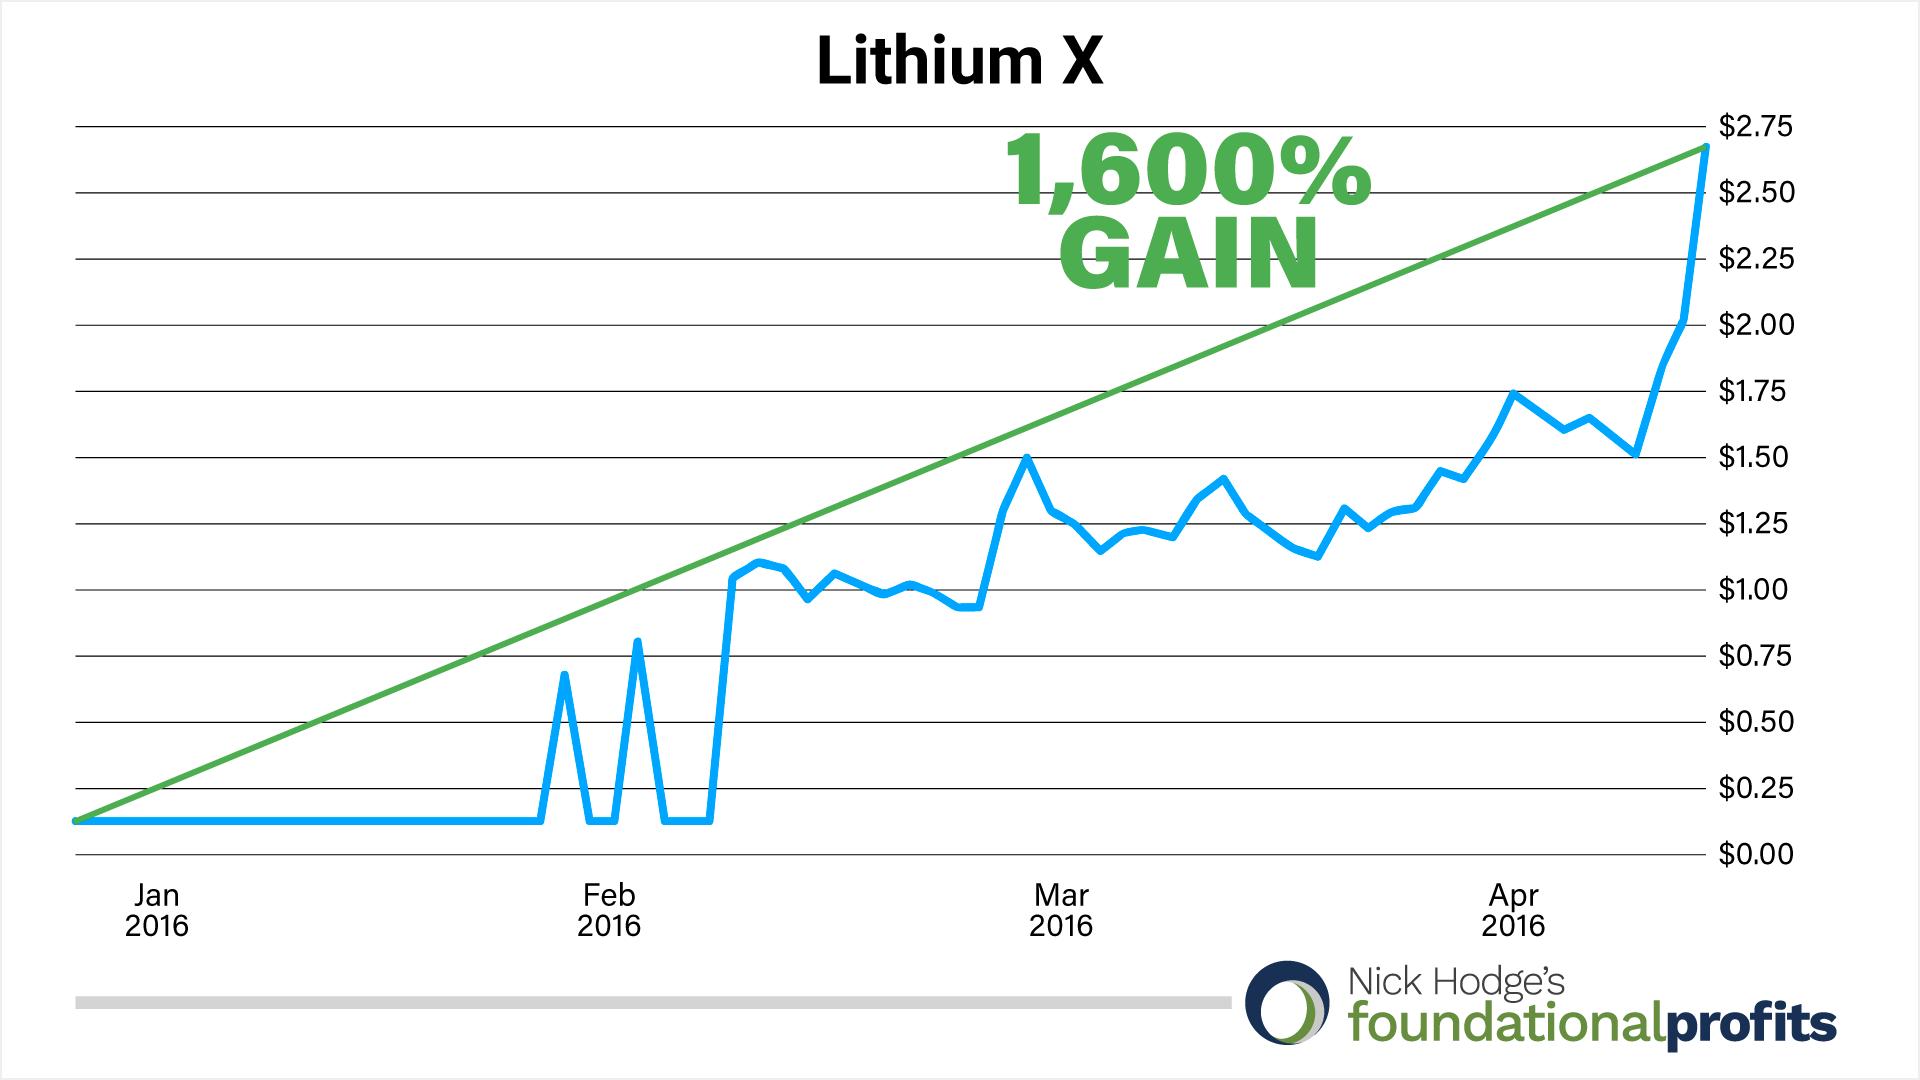 lithium-x